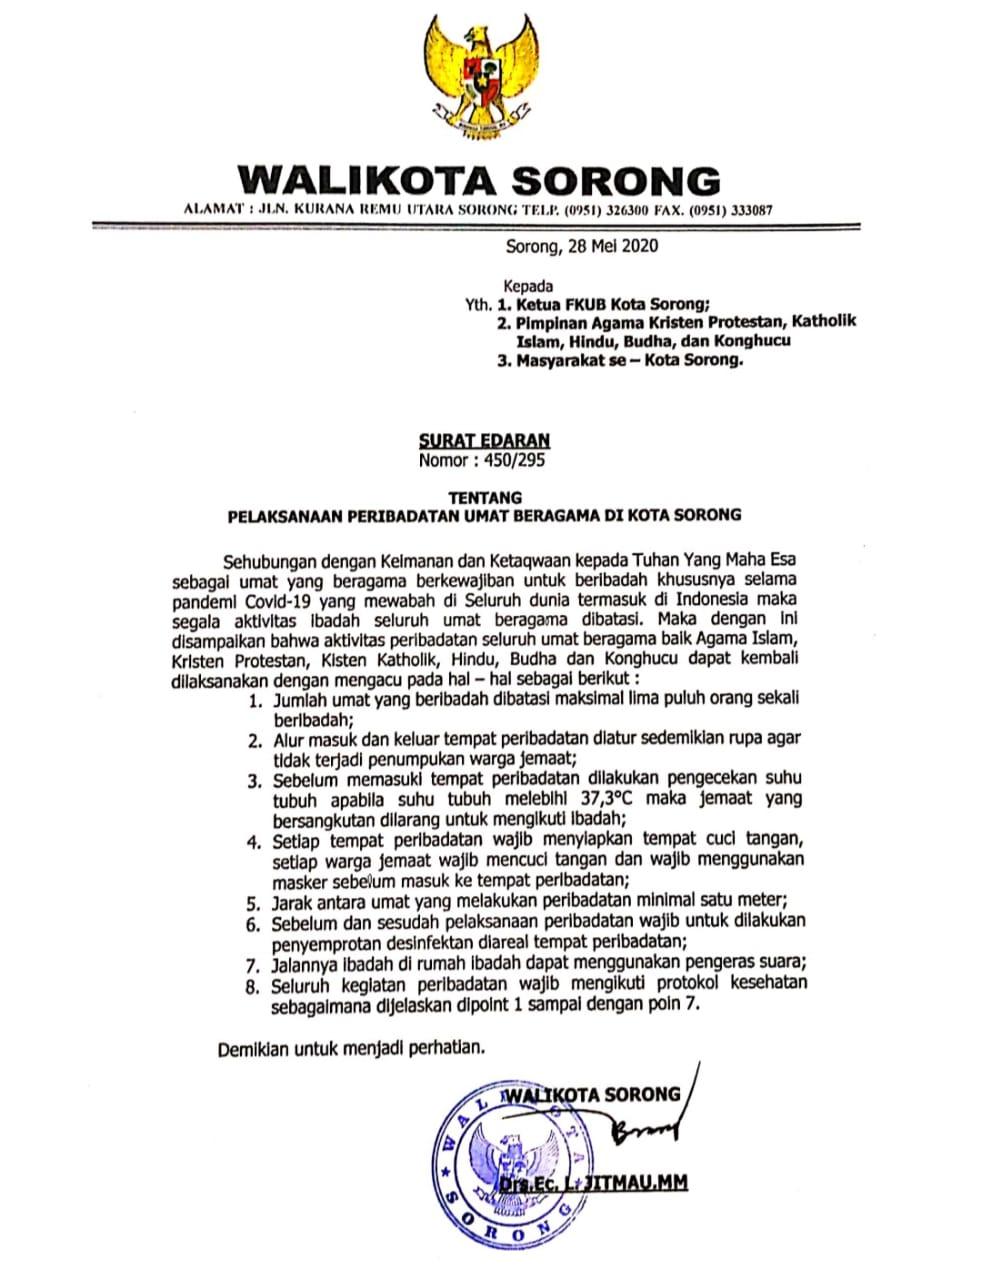 Surat Edaran Walikota Sorong